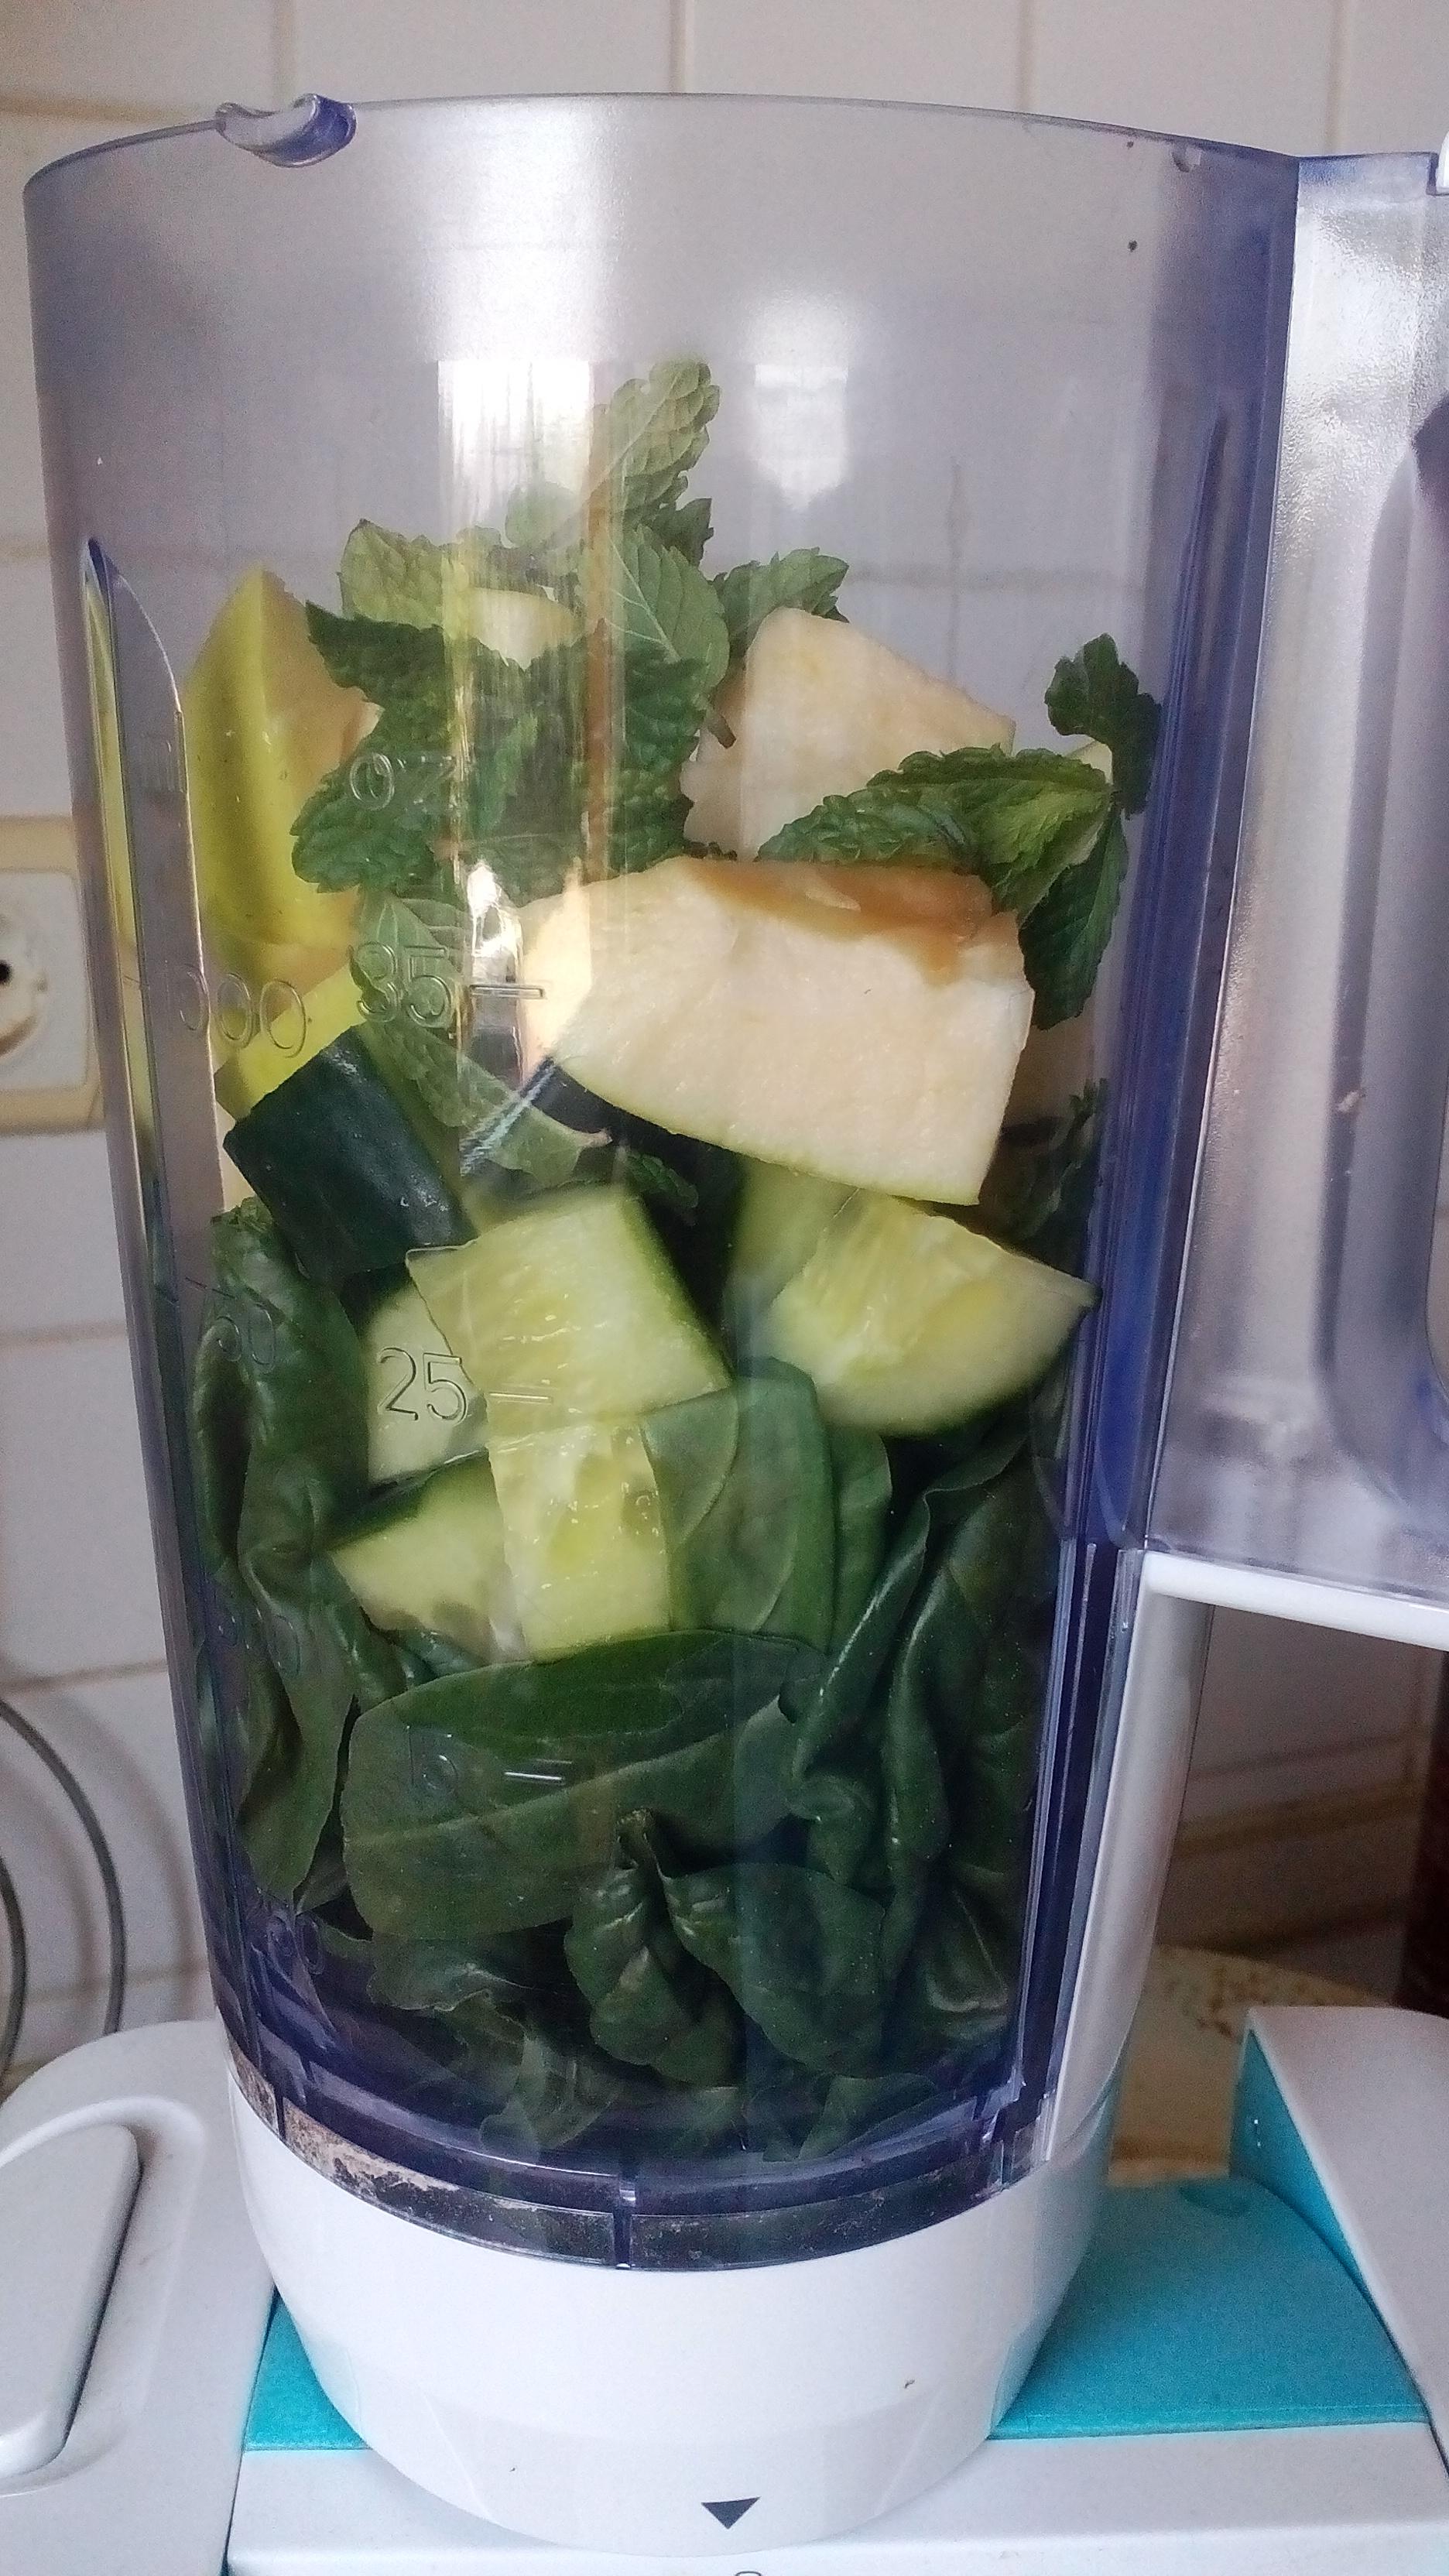 Spenótos smoothie, kedvenc diétás zöld turmix receptem készítése